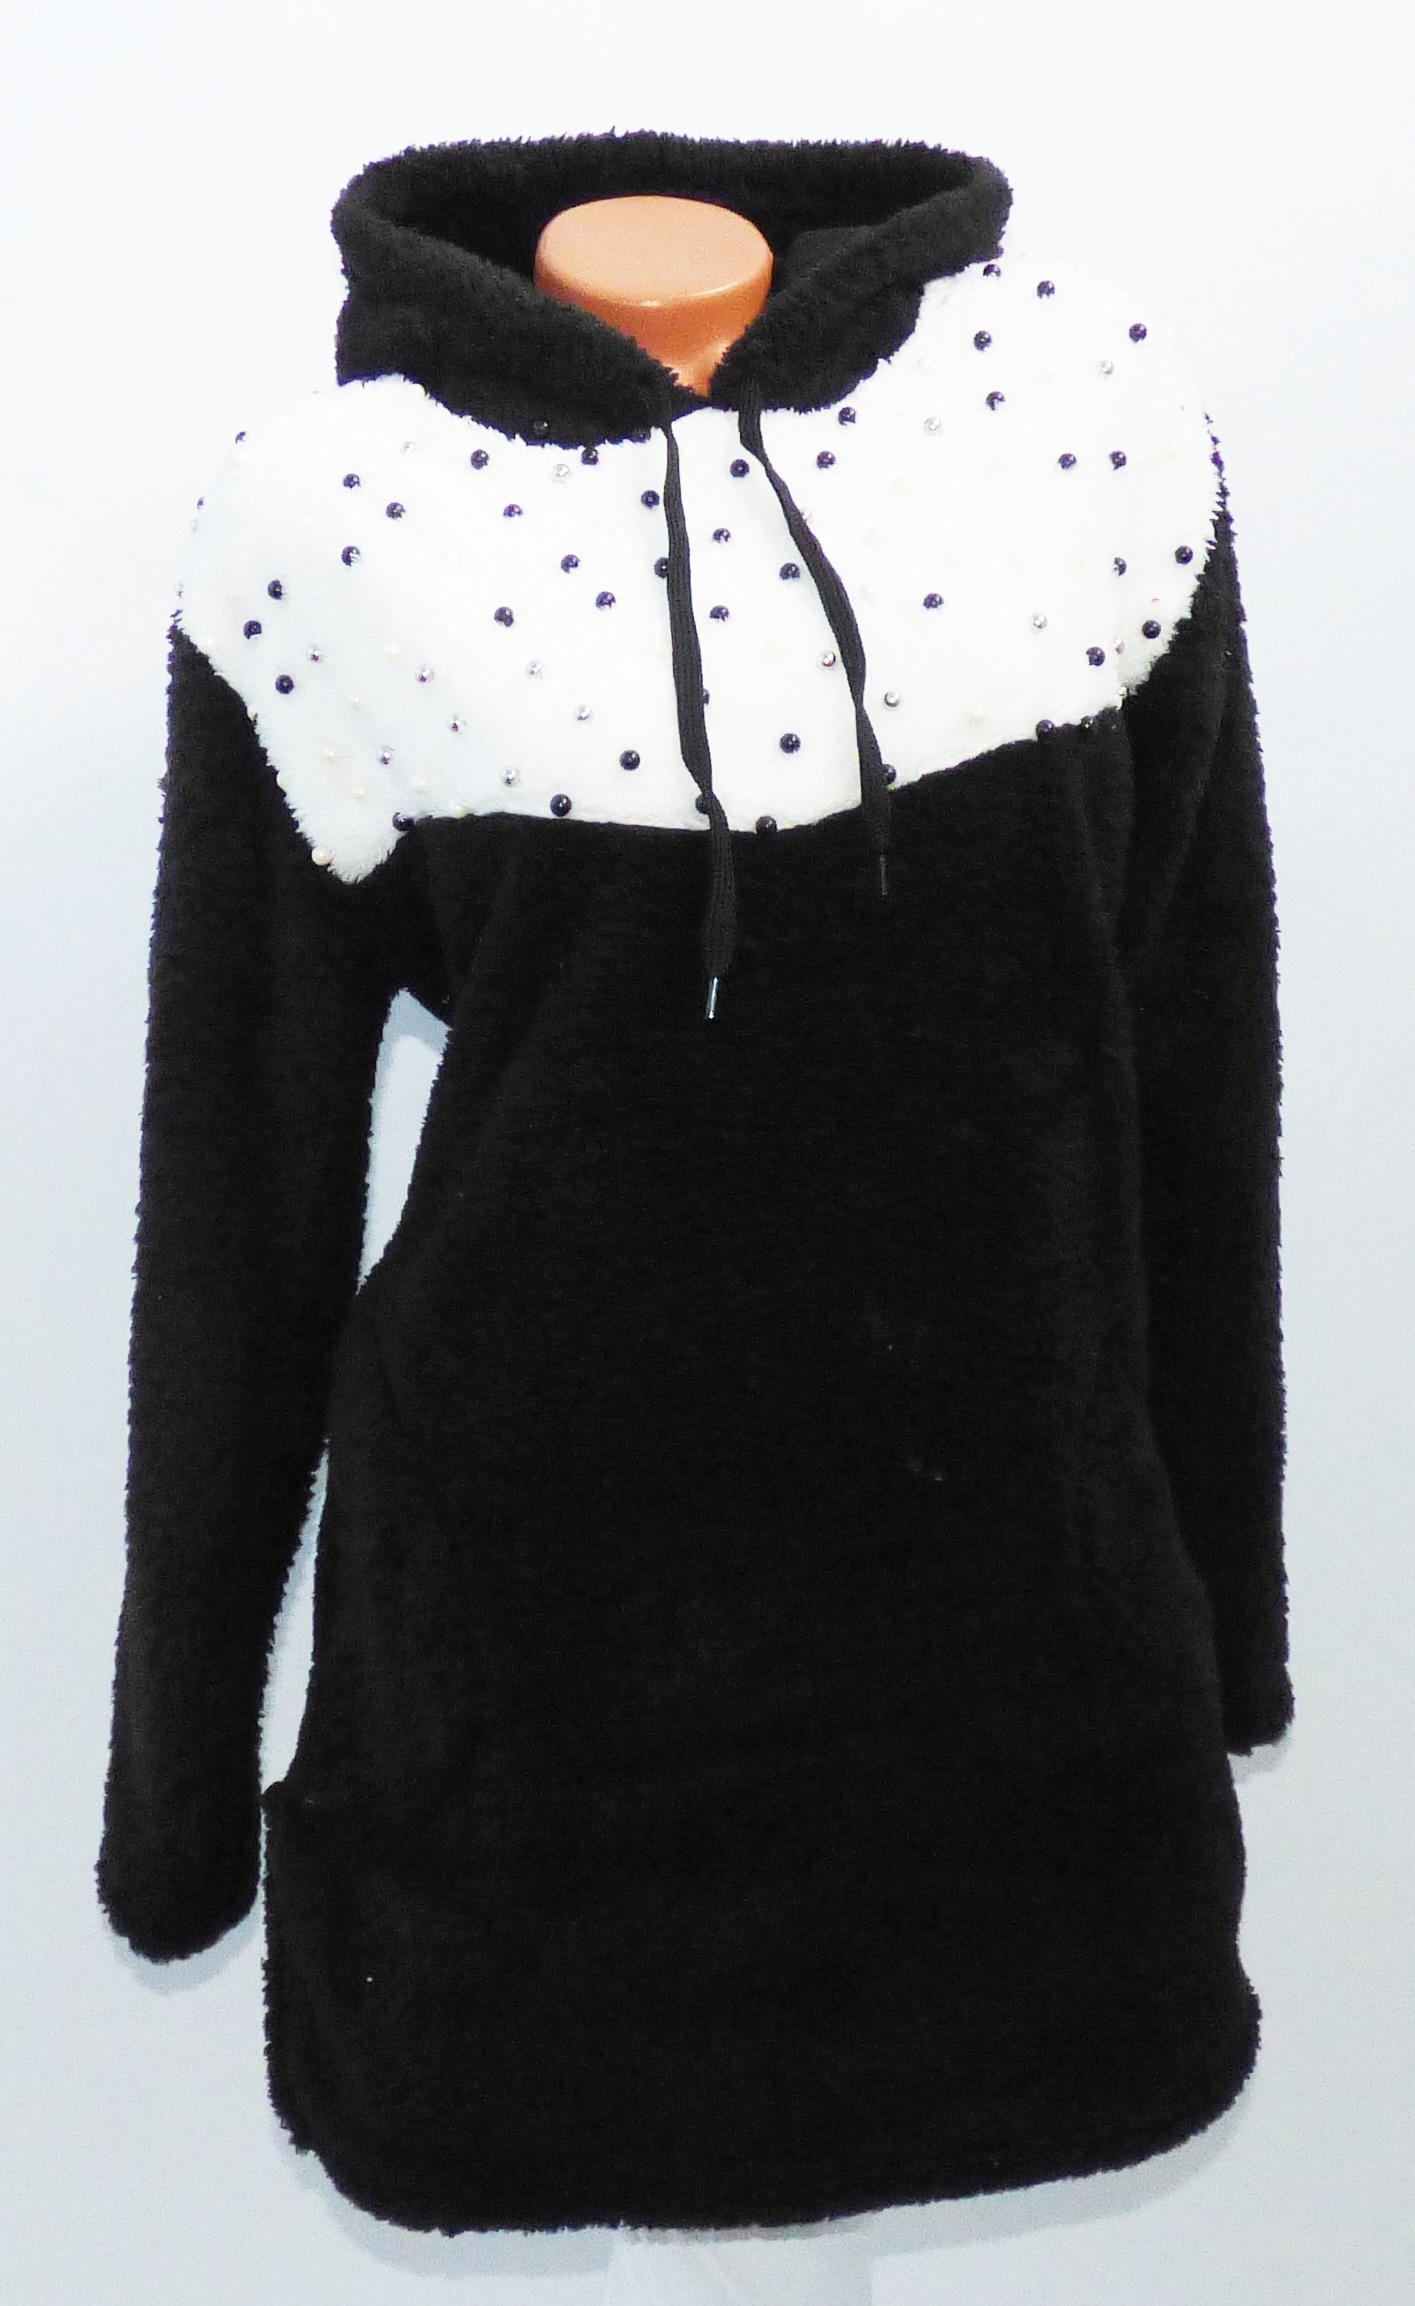 b8e4550bad Pihe-puha, hosszított gyöngyös, zsebes tunika - Póló / Pulóver - Luna  Gardrobe Női ruha WebÁruház, Akciós - olcsó női ruha, Női ruha webshop,  Online trendi ...